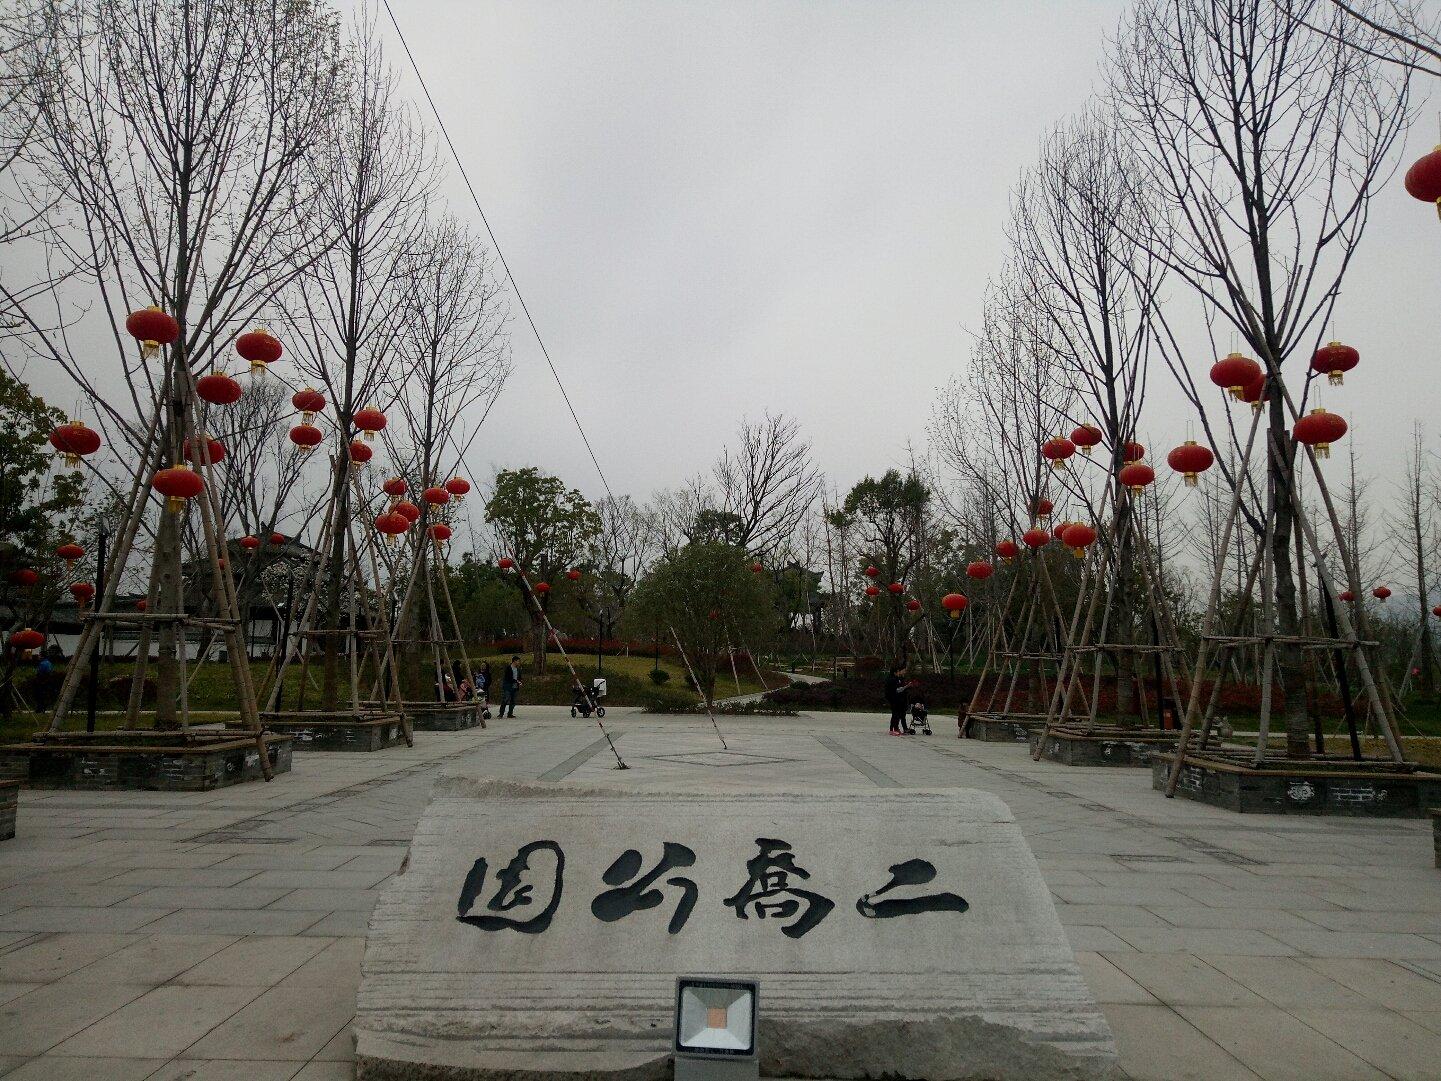 安徽省安庆市潜山县舒苑路靠近二乔美女天气预报公园苍白脸图片